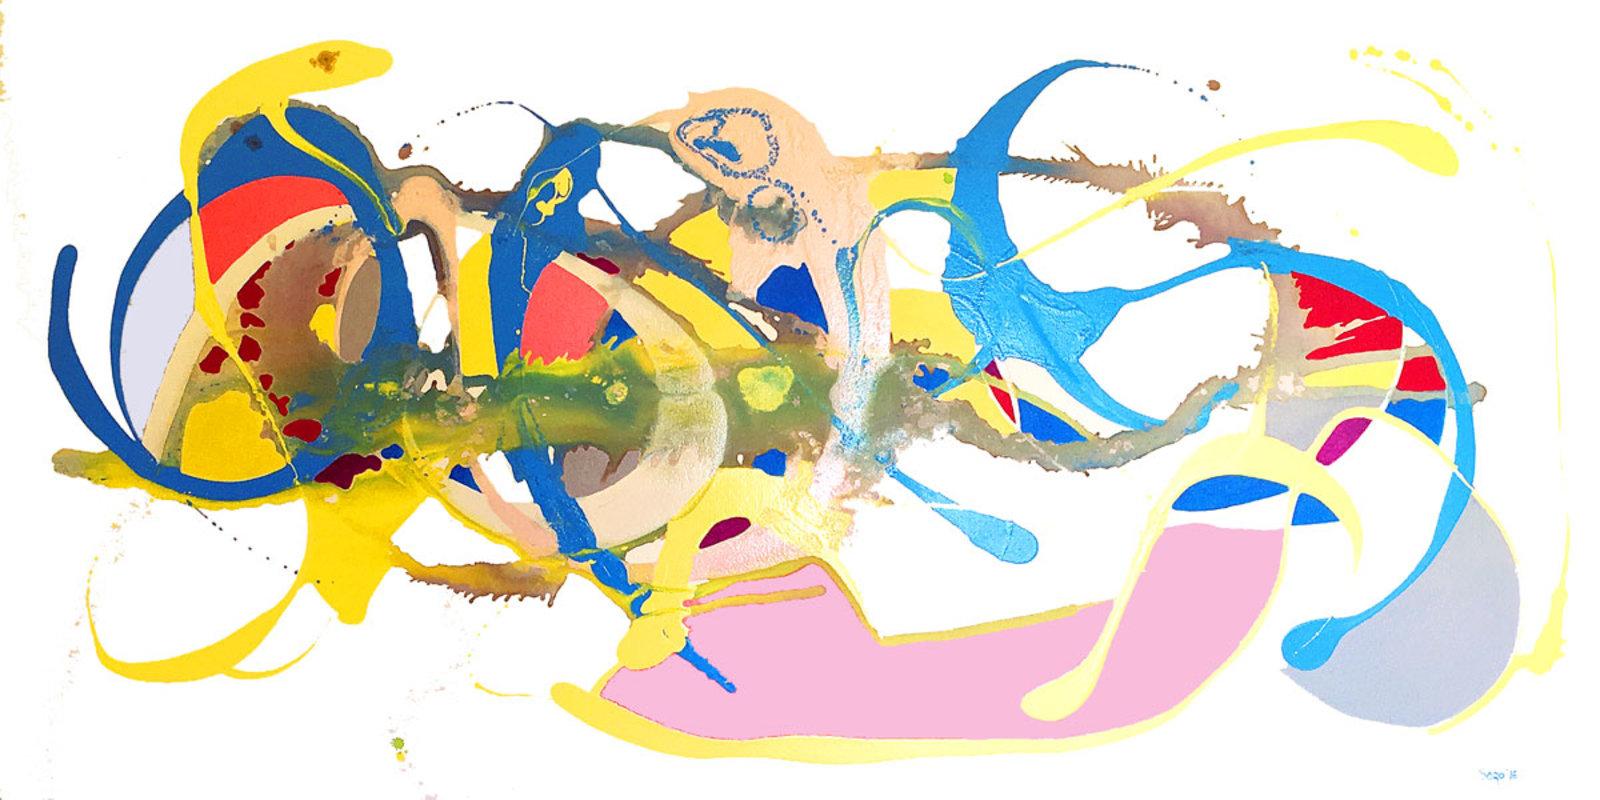 Fernando Soro - Locura de colores | Soro Fernando